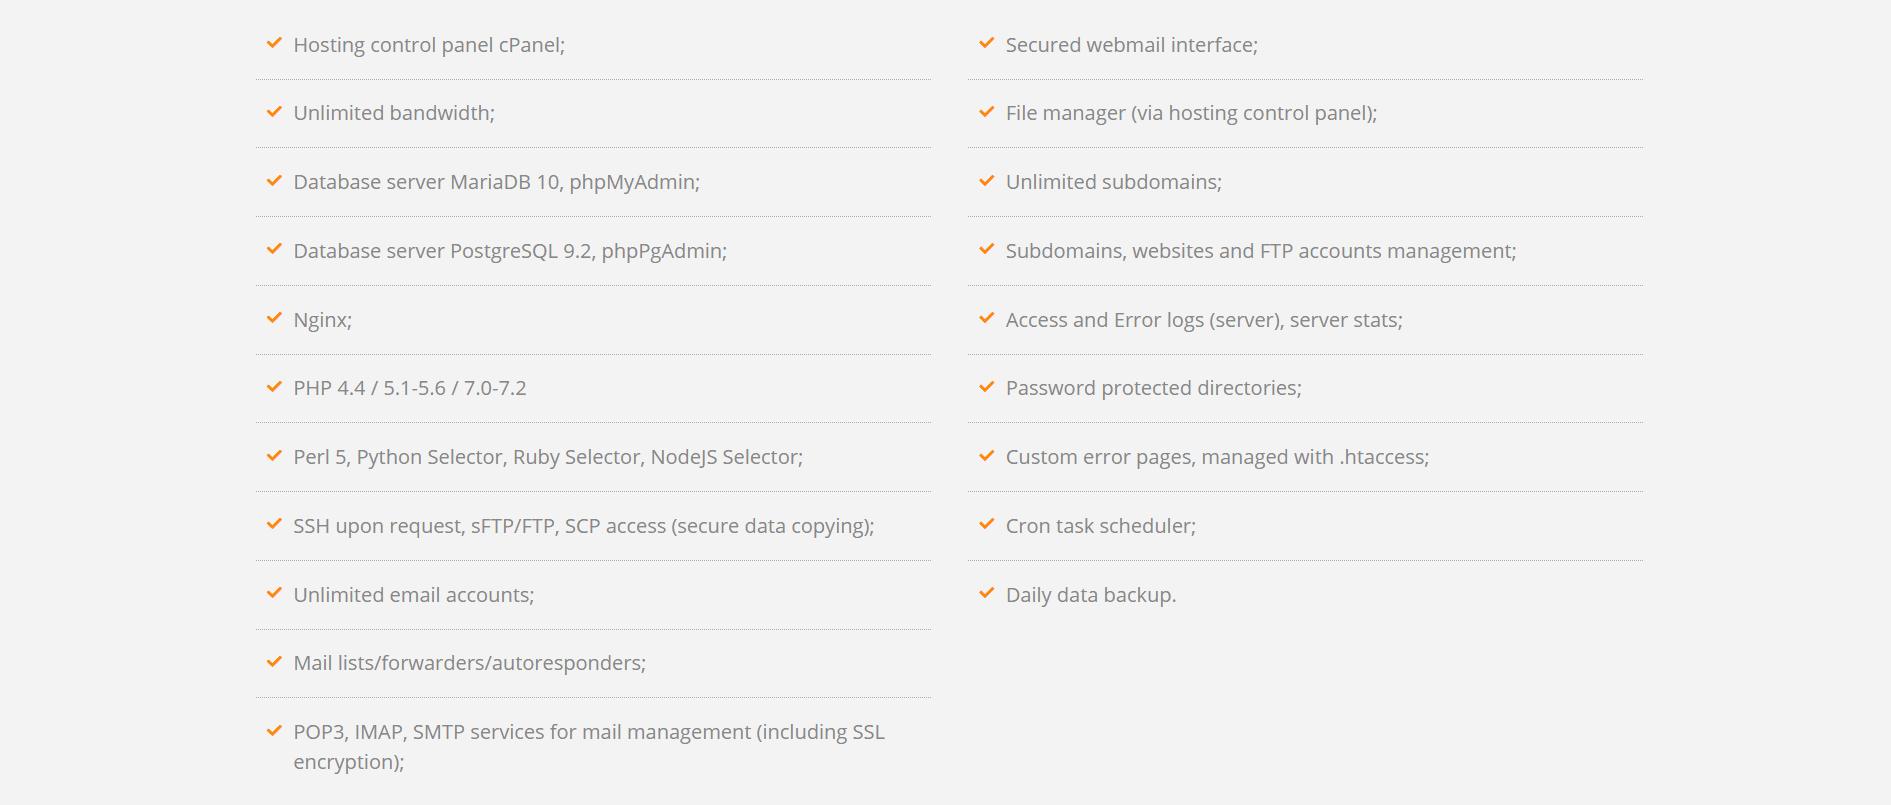 hostpro-features